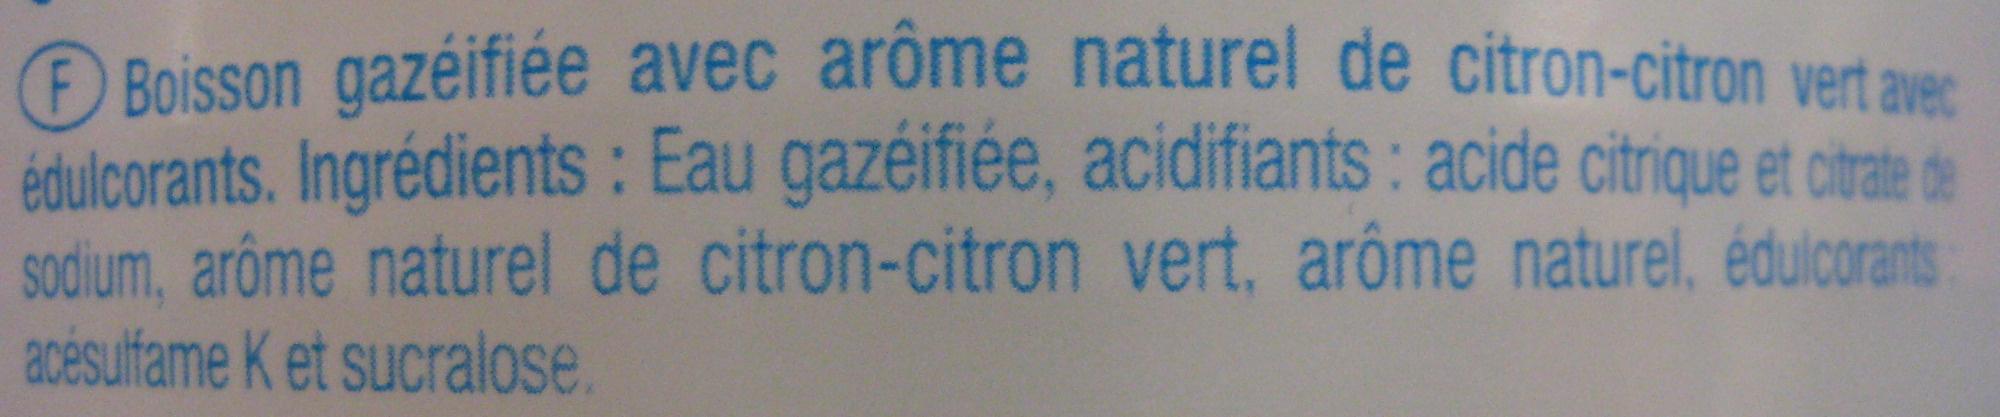 Limonade Carrefour Discount - Ingrédients - fr